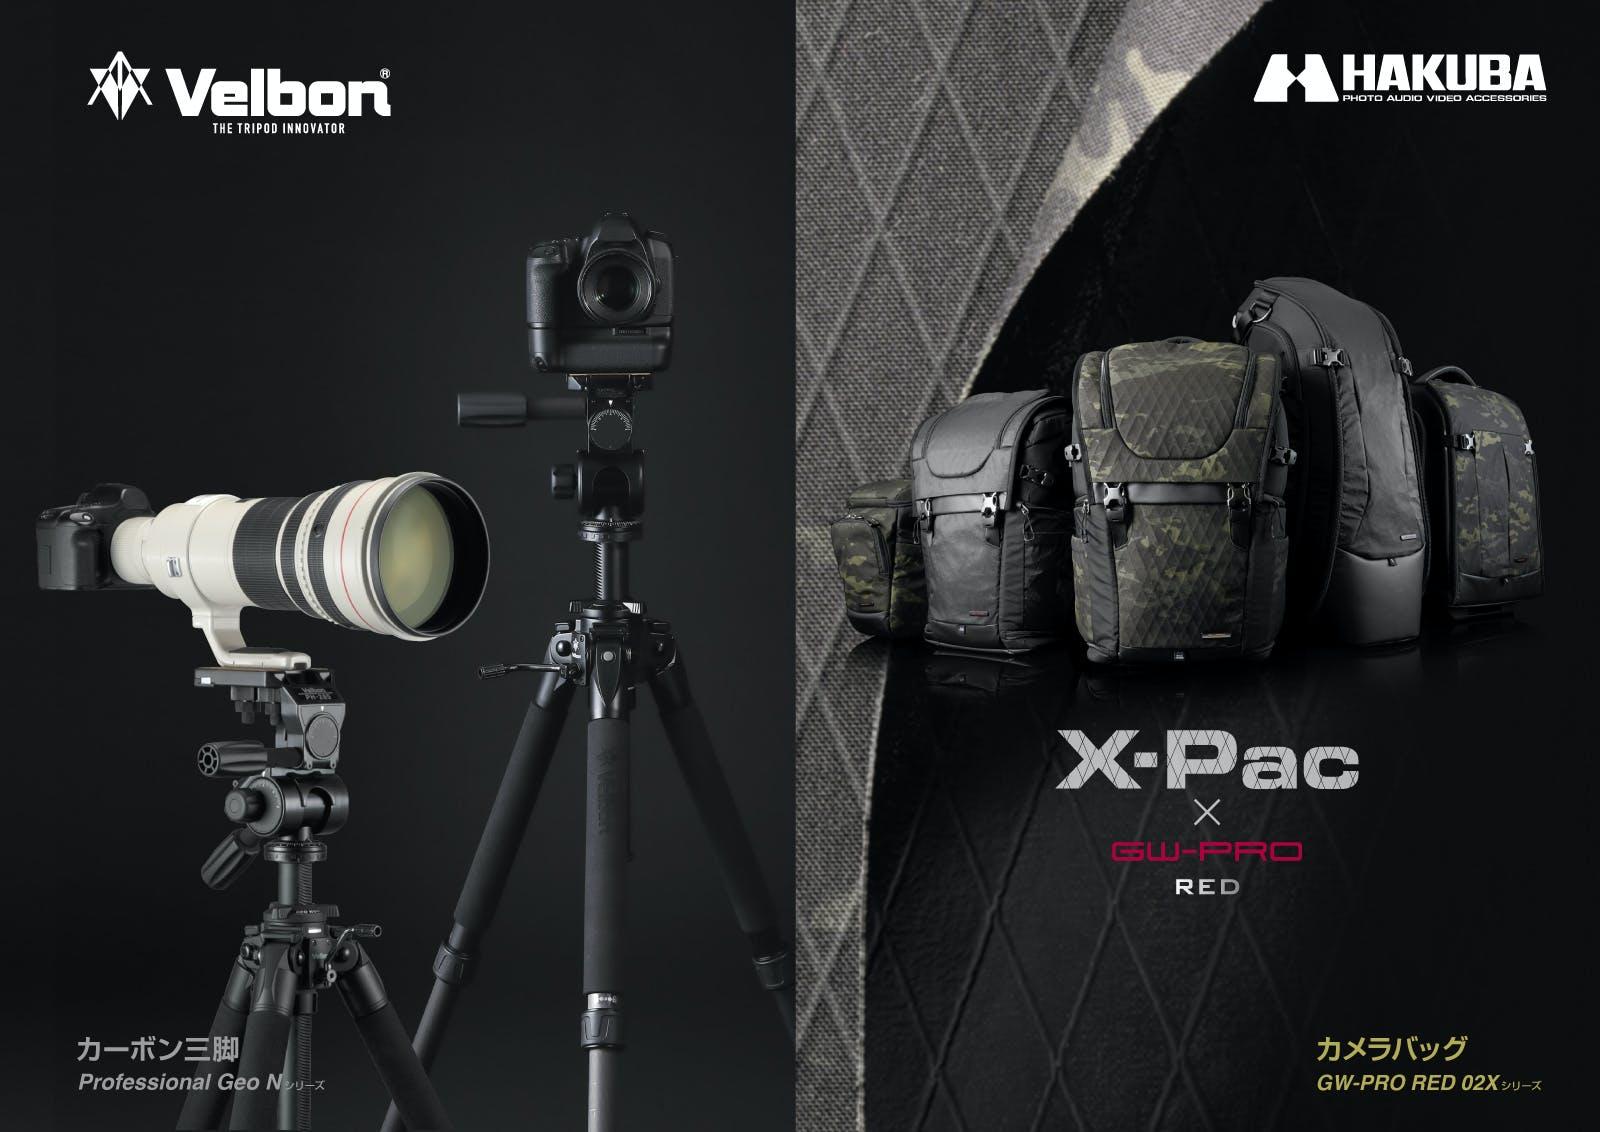 ハクバ写真産業株式会社のアイキャッチ画像